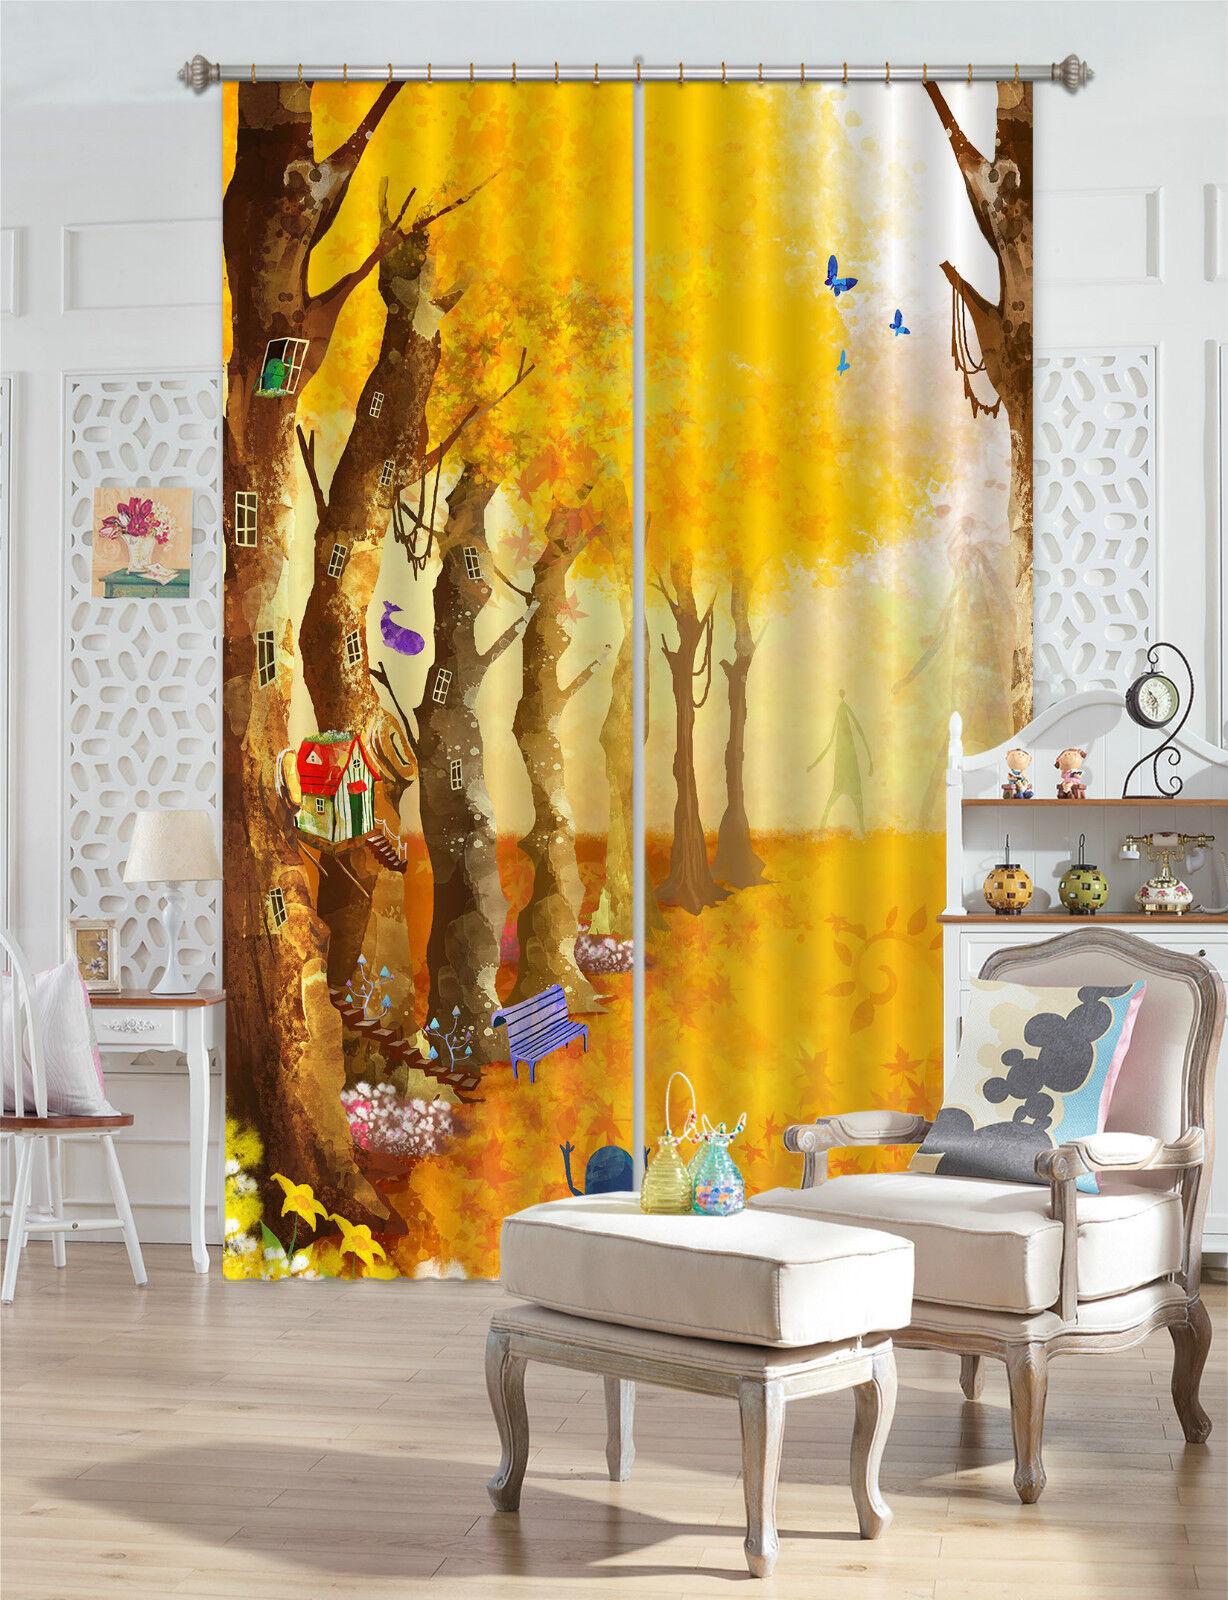 3d casa del árbol 675 bloqueo foto cortina cortina de impresión sustancia cortinas de ventana